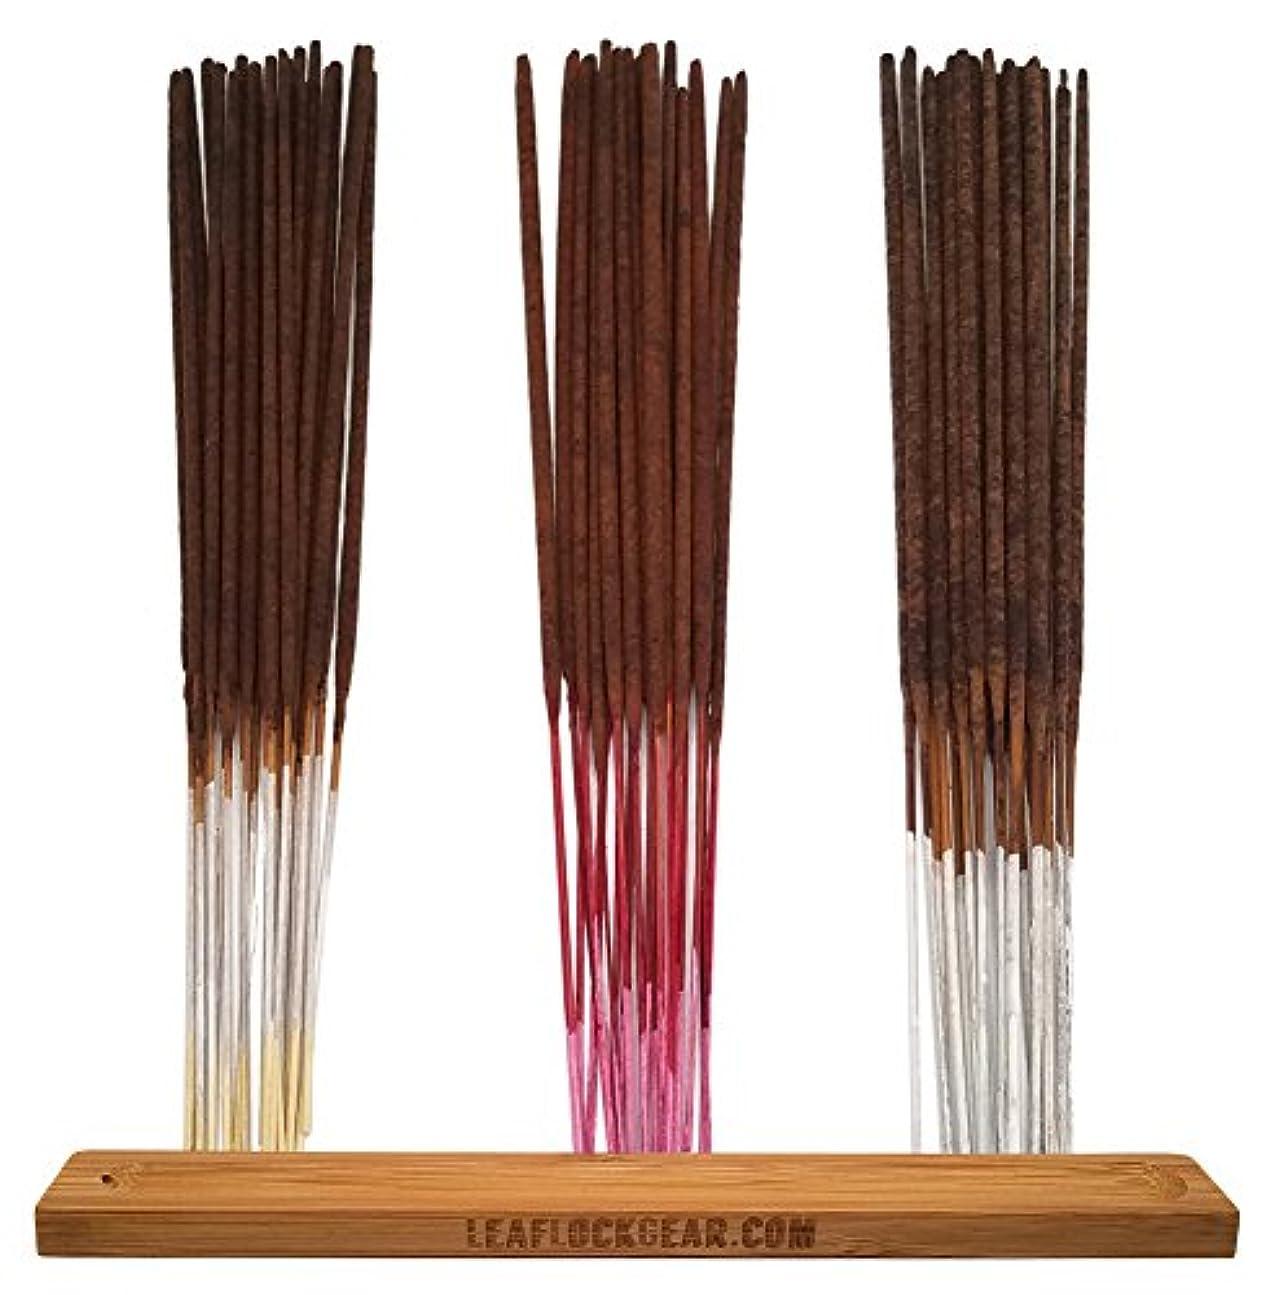 メンダシティ危険にさらされているバンガローバンドル – 61アイテム – Wild Berryお香「バニラ」香りサンプラー。Includes 20 Sticks各のバニラ、チェリーバニラ、と梨バニラwith Incense Stick Burner